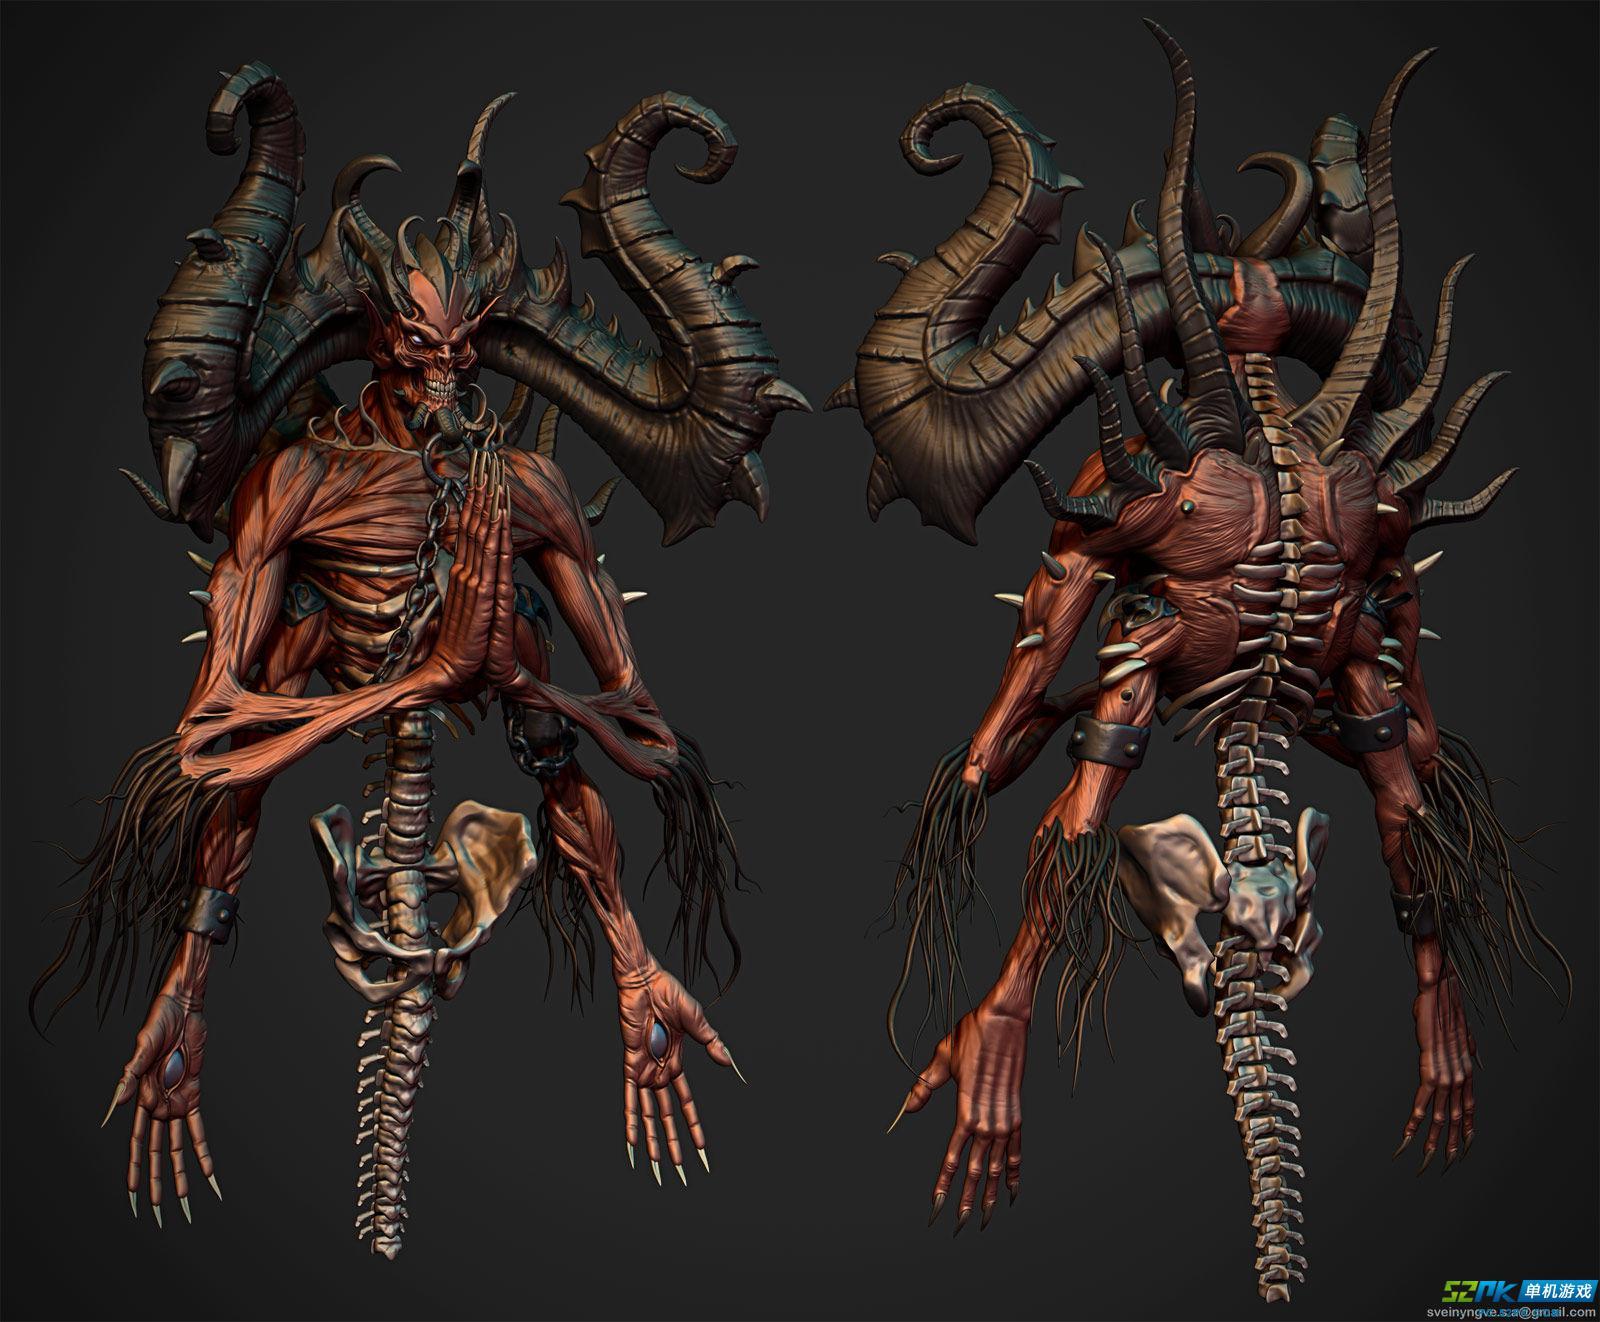 暗黑3玩家作品推荐 3D角色设计与迪亚波罗COS